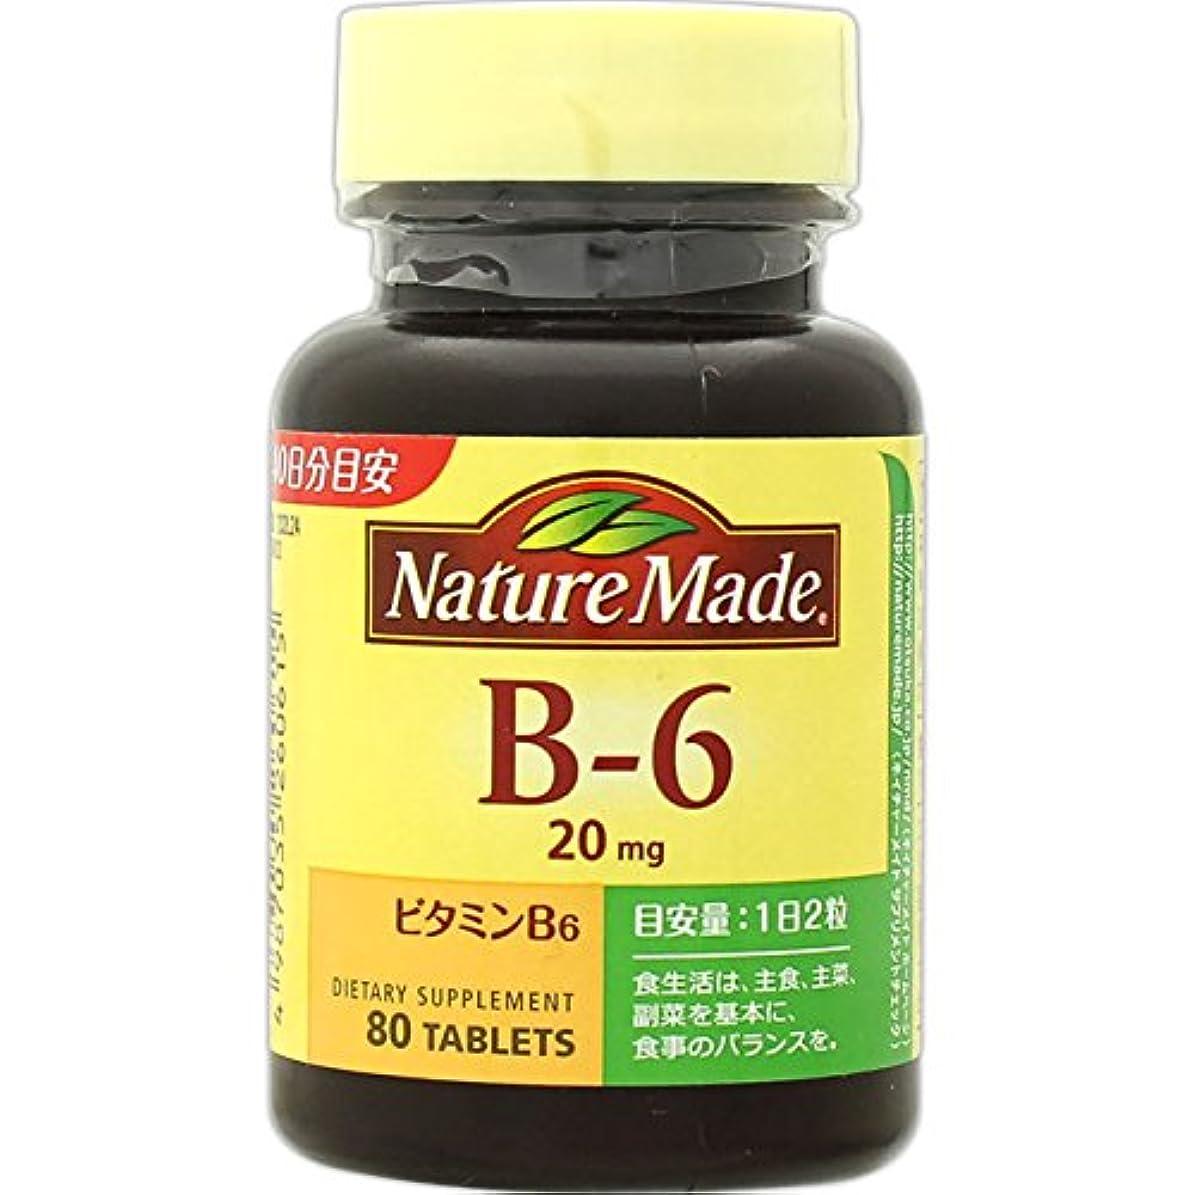 電信月曜日正規化大塚製薬 ネイチャーメイドビタミンB6 80粒×2 907